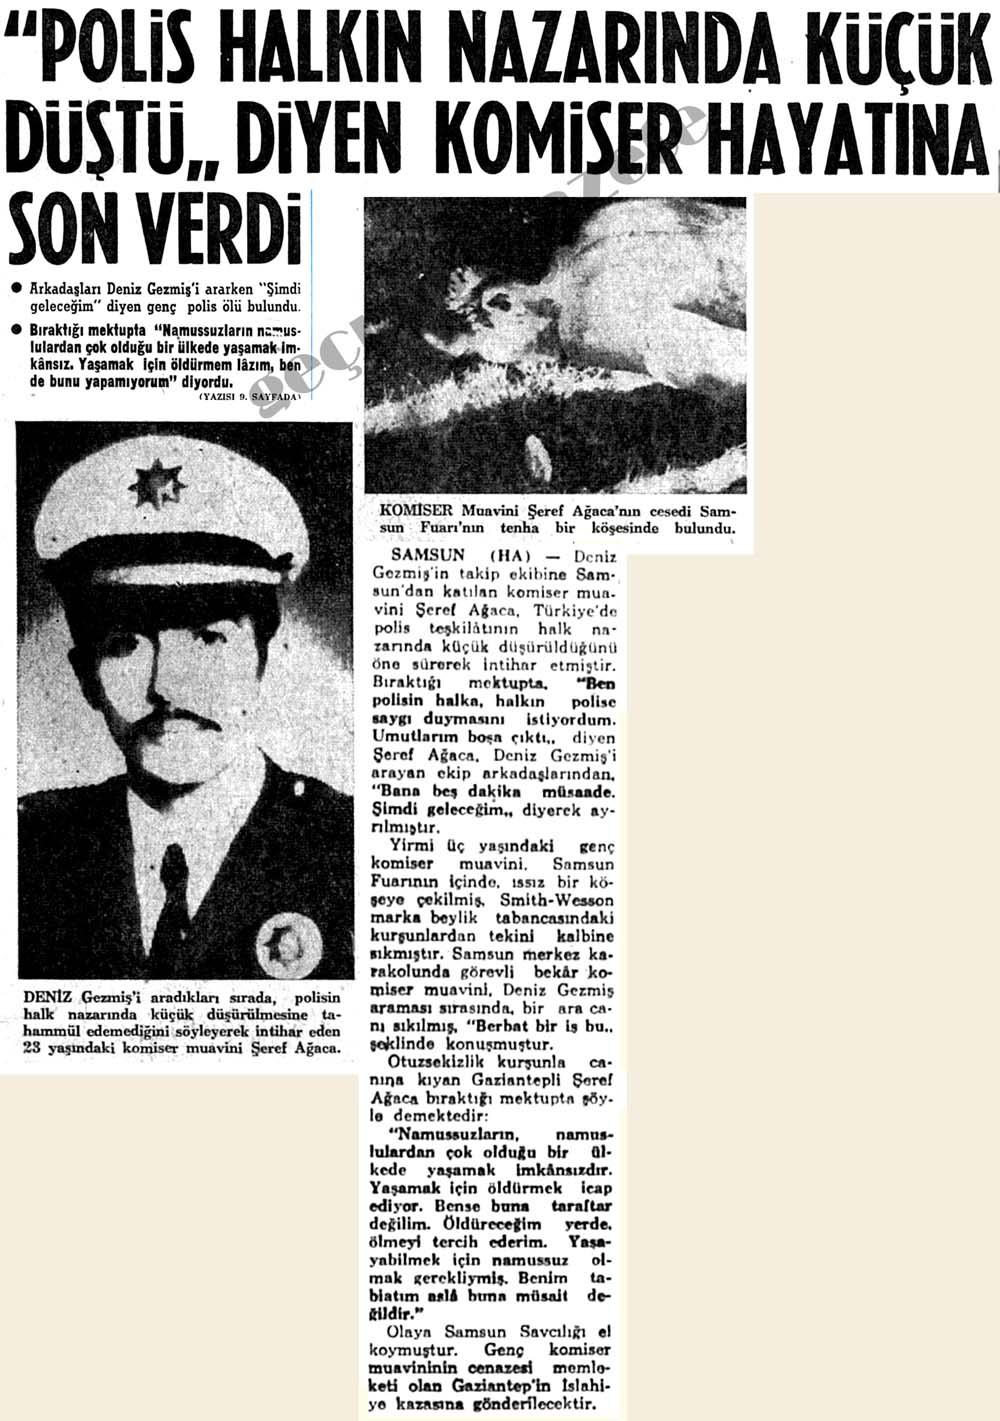 """""""Polis halkın nazarında küçük düştü"""" diyen komiser hayatına son verdi"""